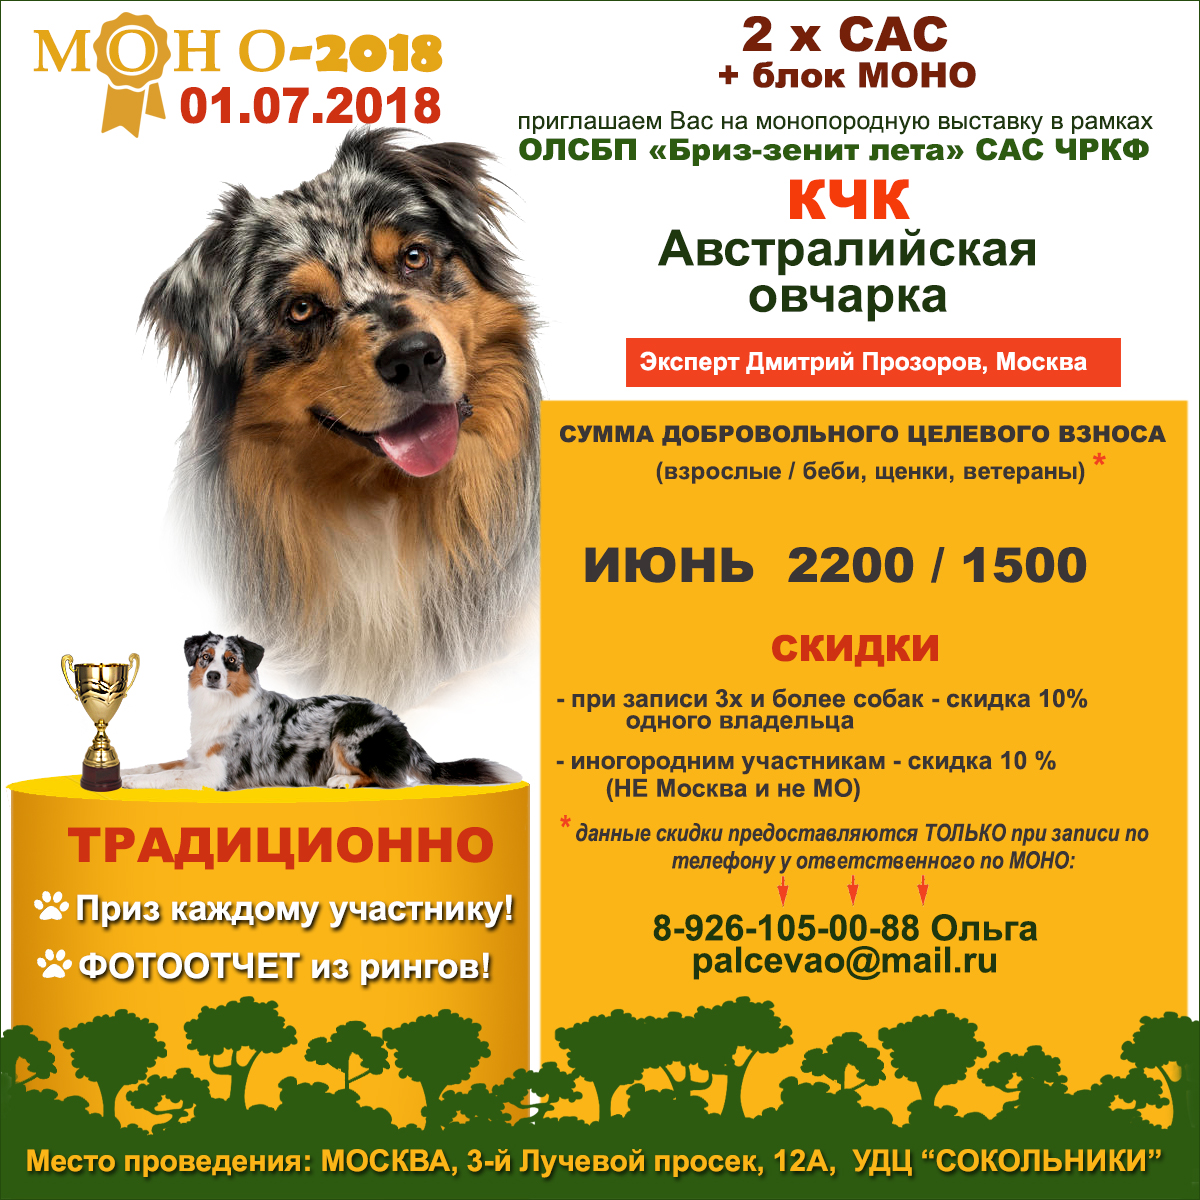 МОНОпородная выставка ОЛСБП Бриз(КЧК) 1 июля 2018г Av-ovc10